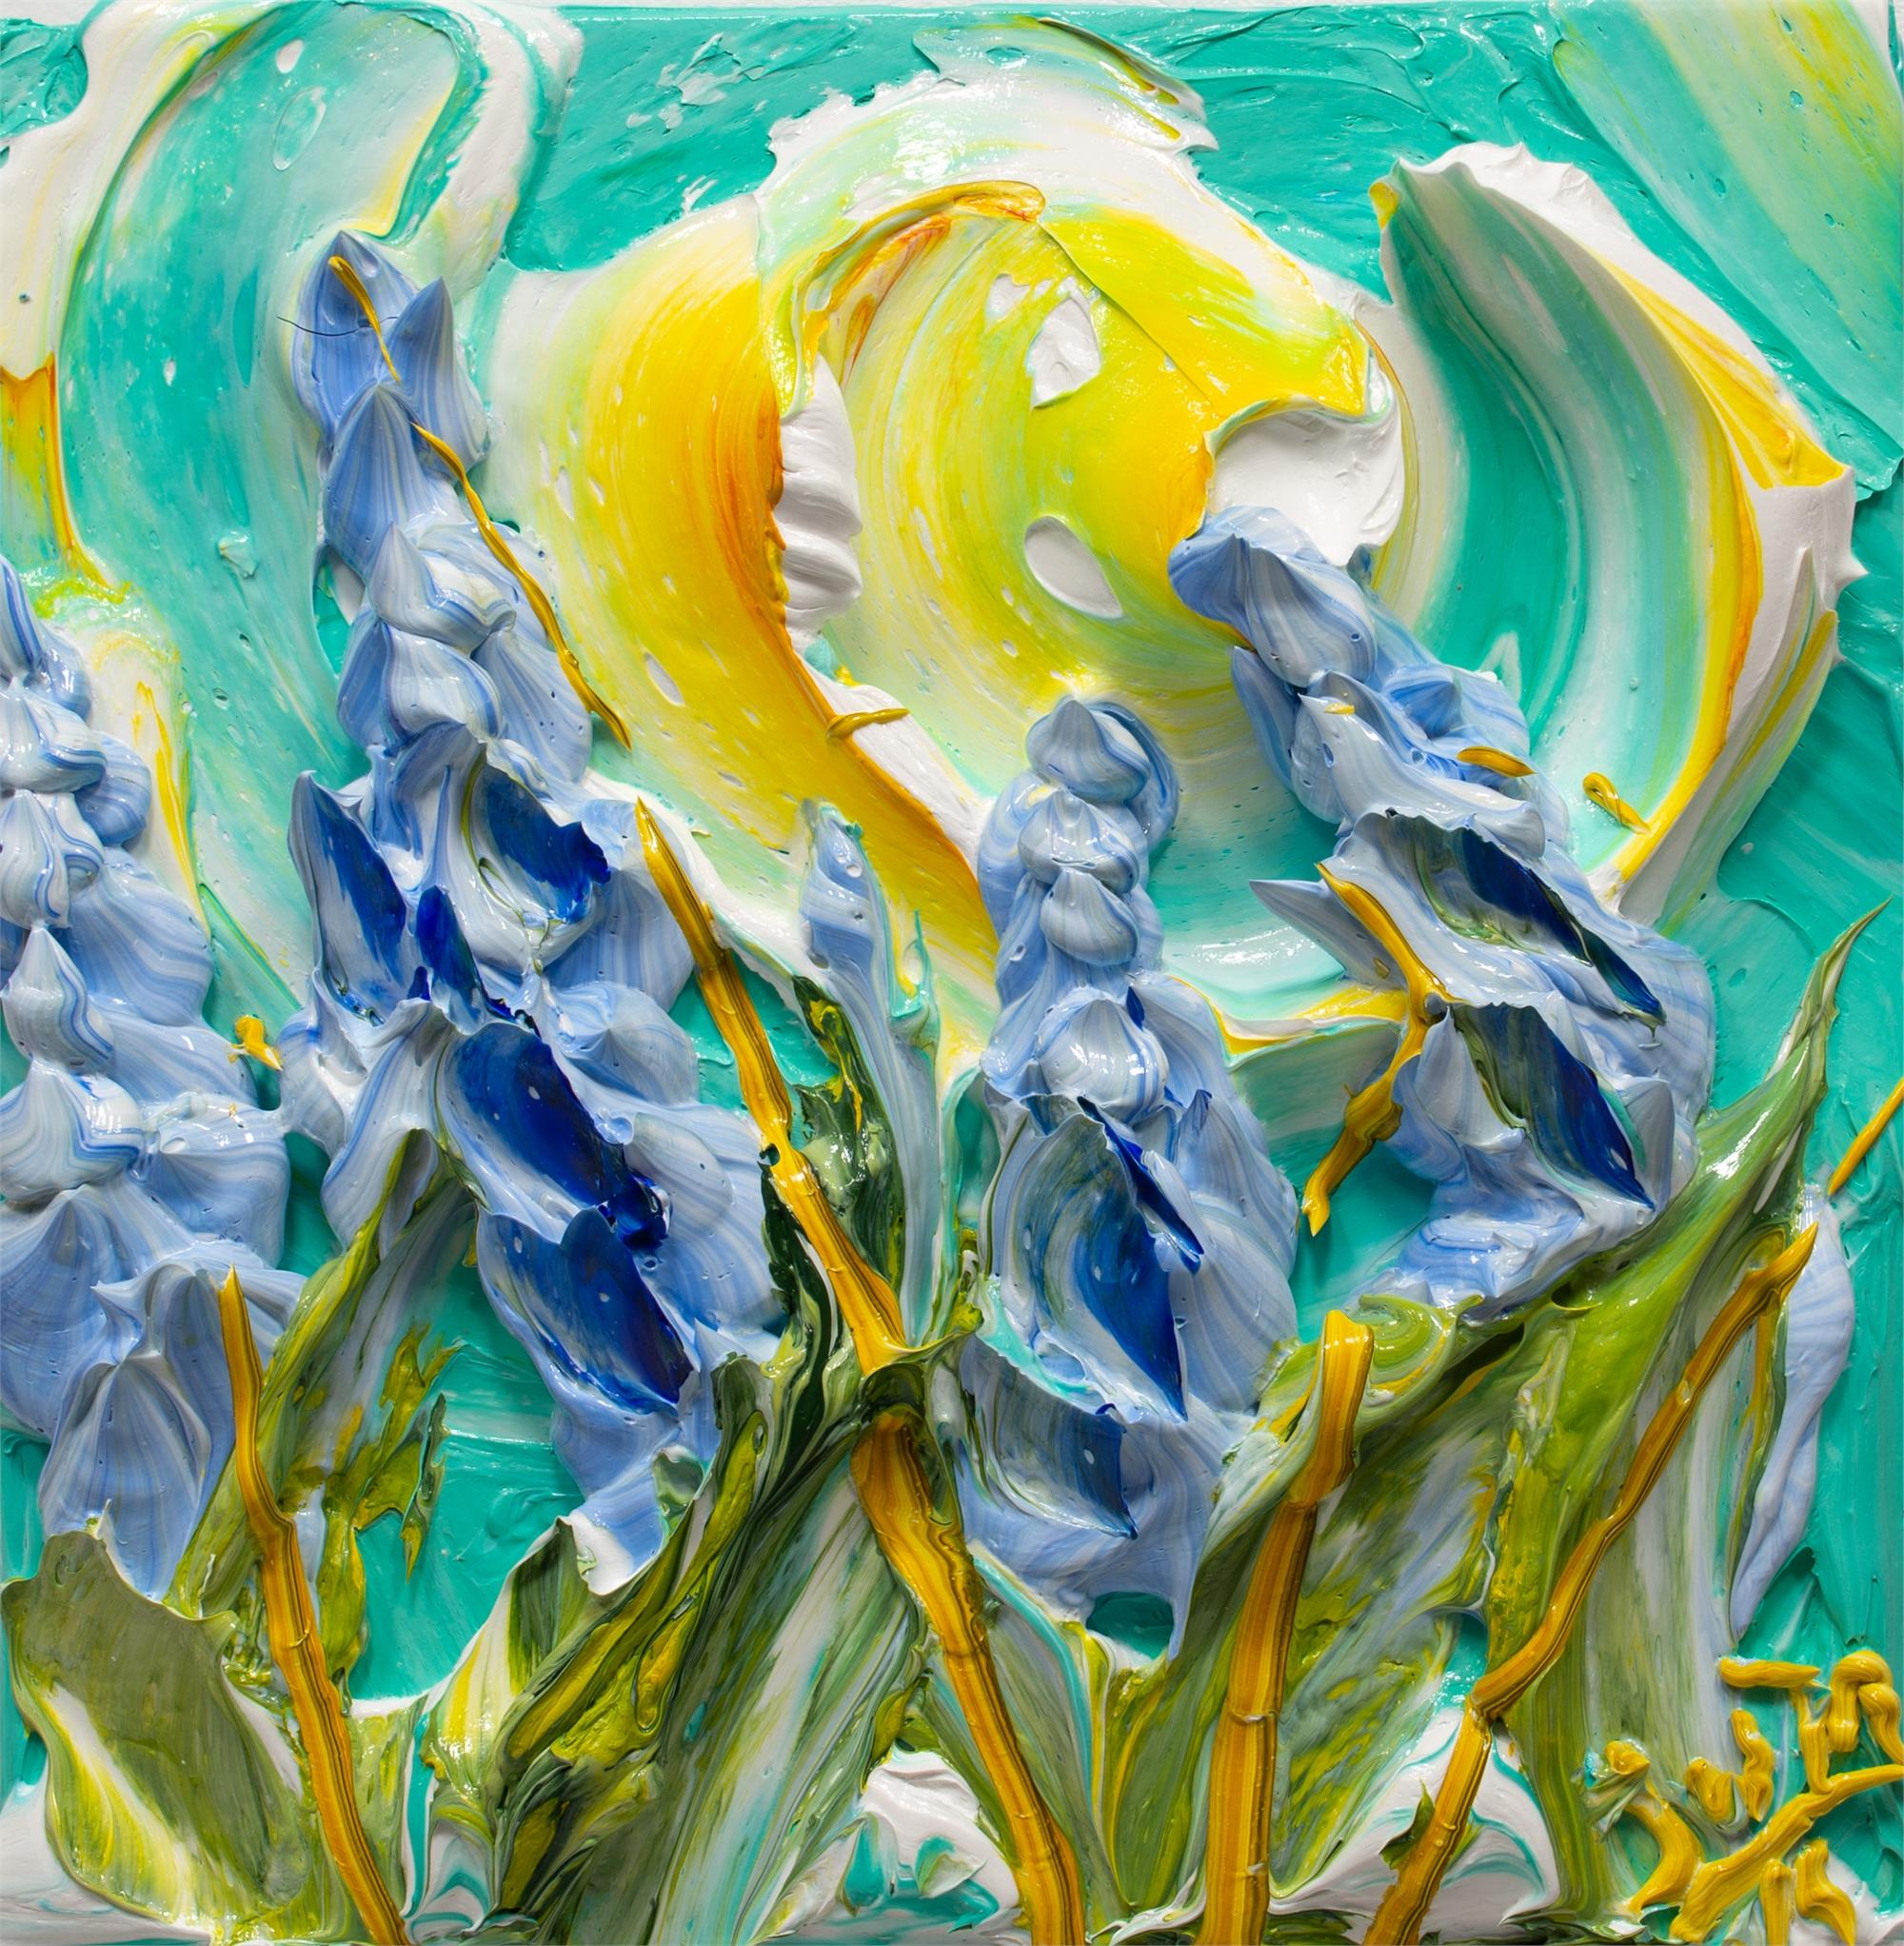 BLUEBONNET FLOWERS-BF-12X12-2019-201 by JUSTIN GAFFREY